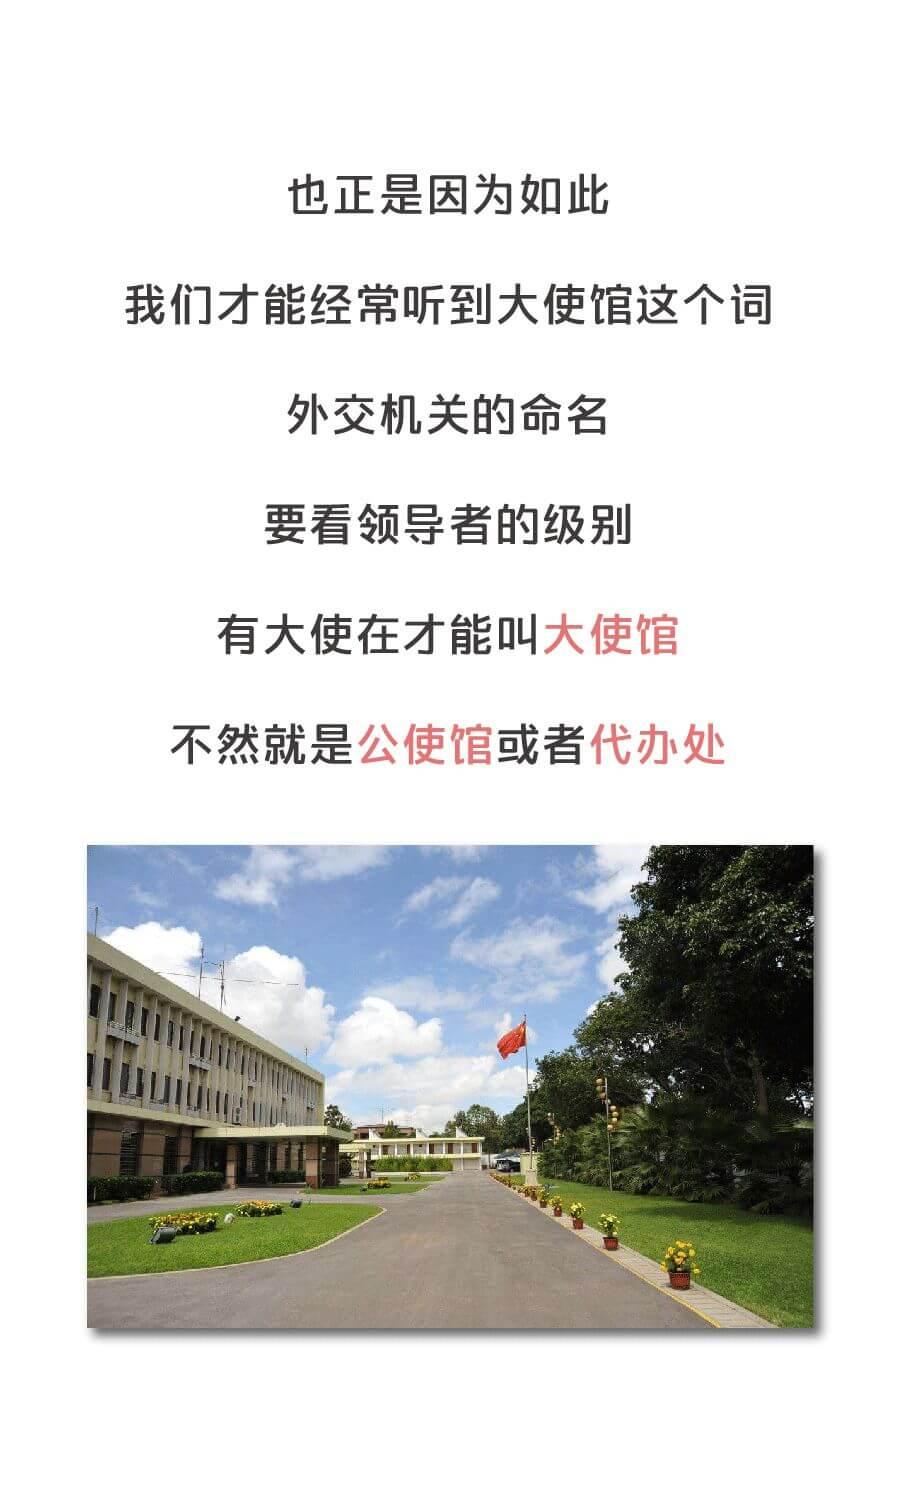 领事馆跟大使馆有什么不同?关闭之后有啥影响?